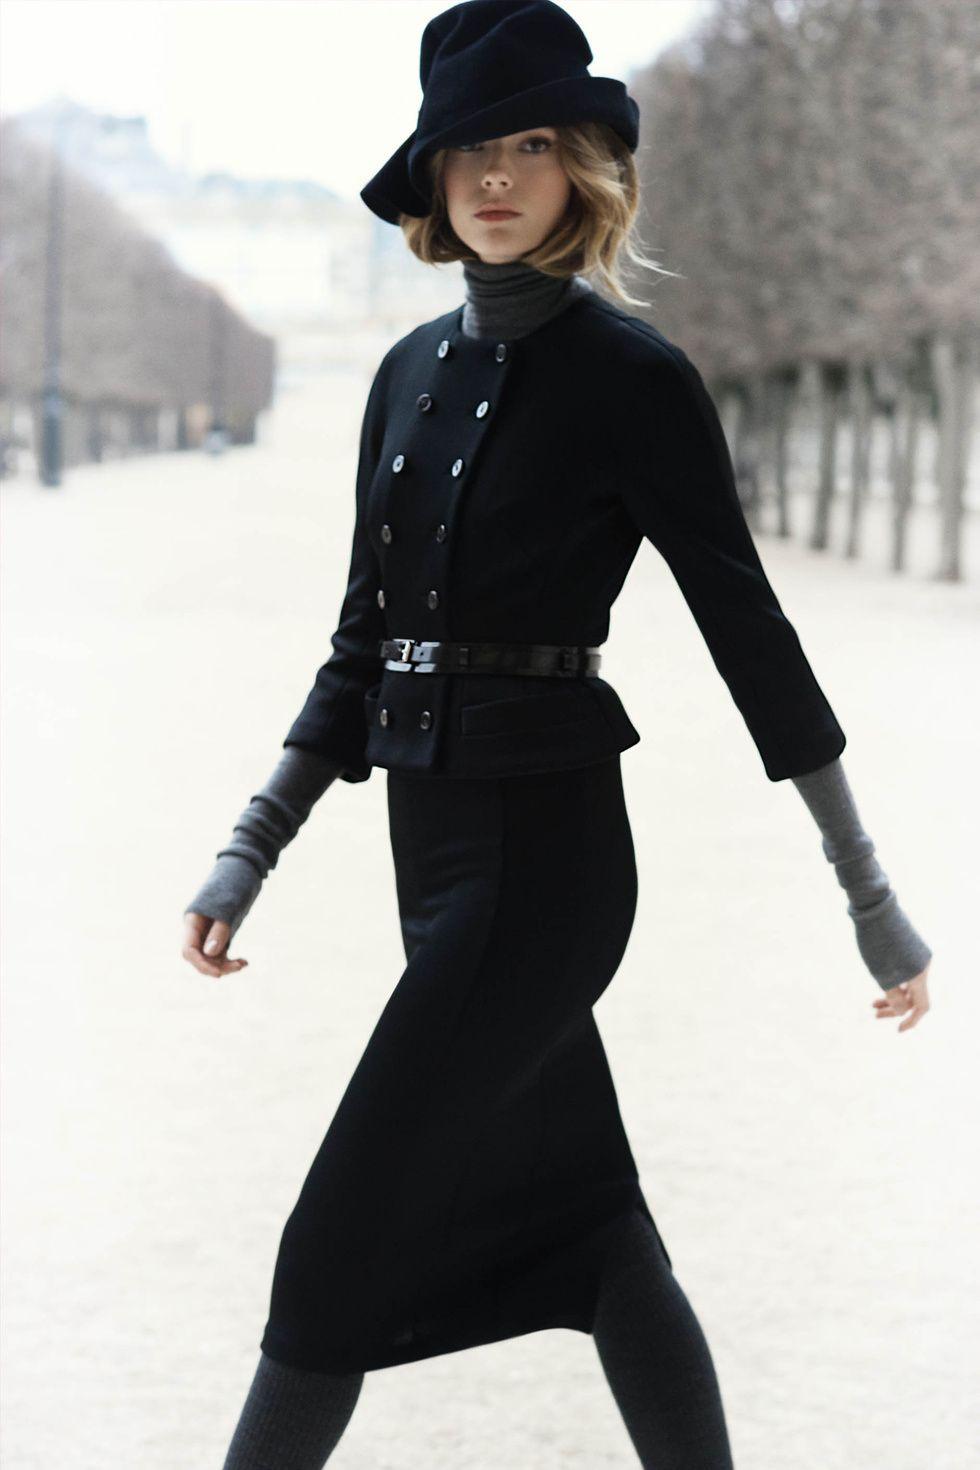 Busque N ° 16 / Otoño 2012 / Colección / LISTOS PARA USAR / Mujer / Moda y Accesorios / sitio web oficial Dior